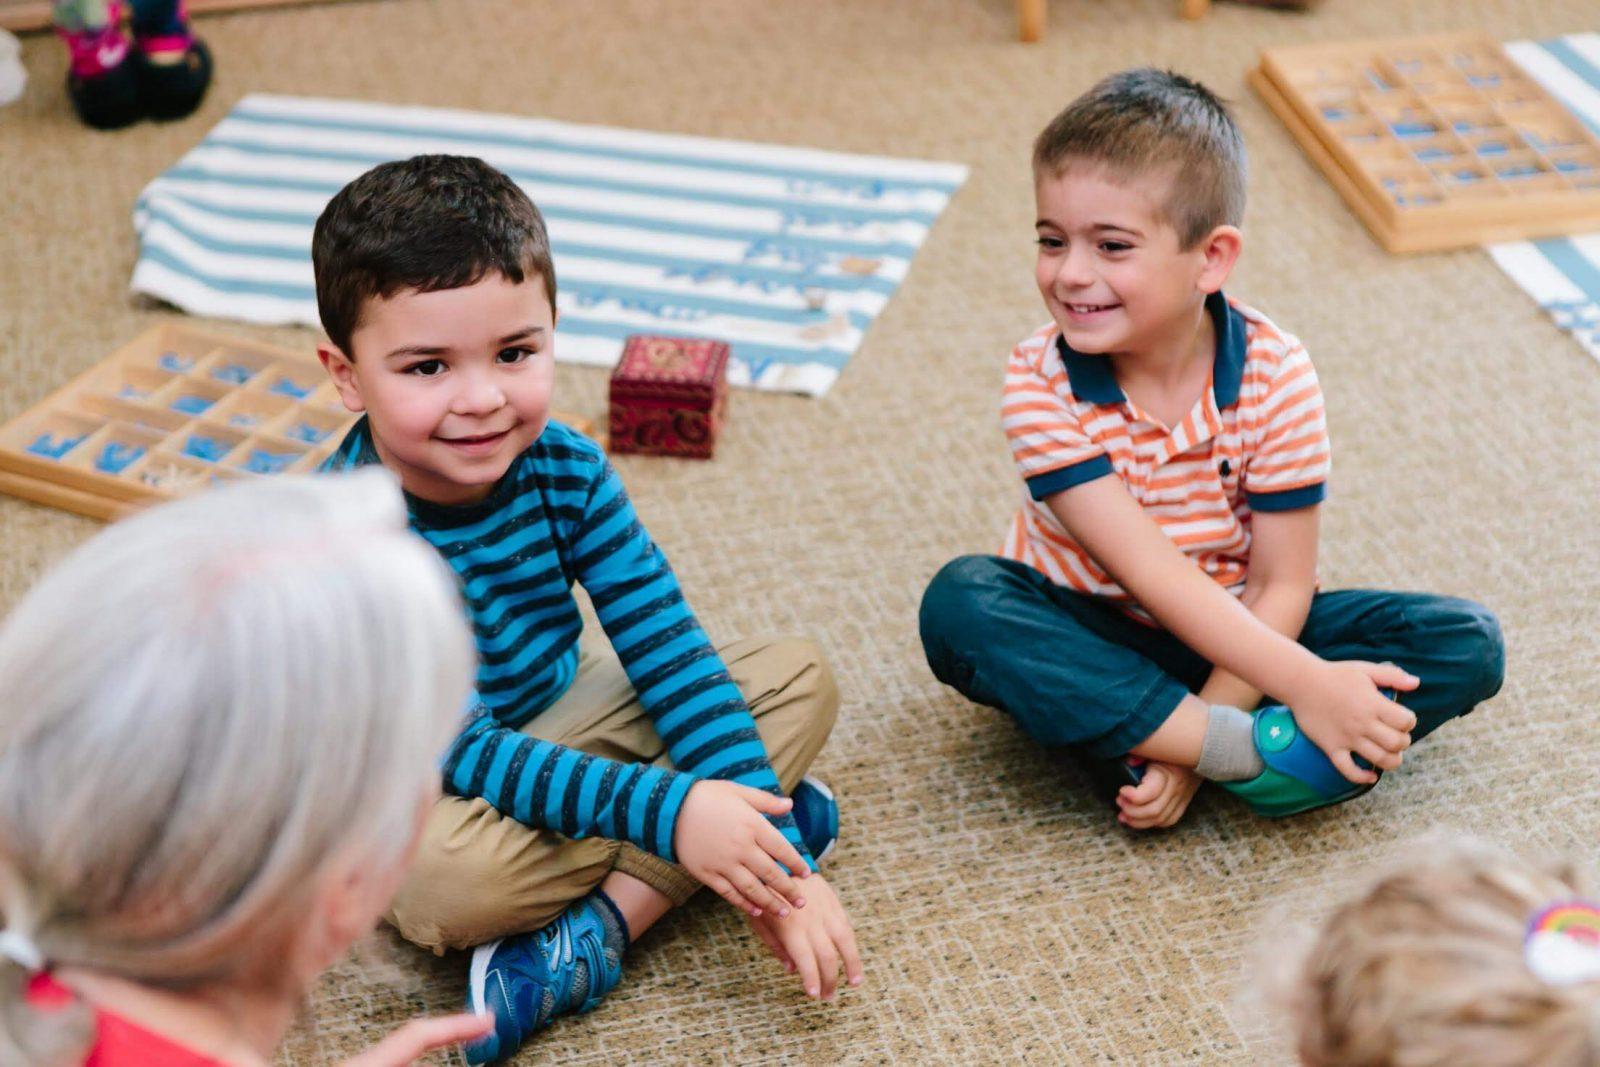 Primary Education at Quest Montessori School